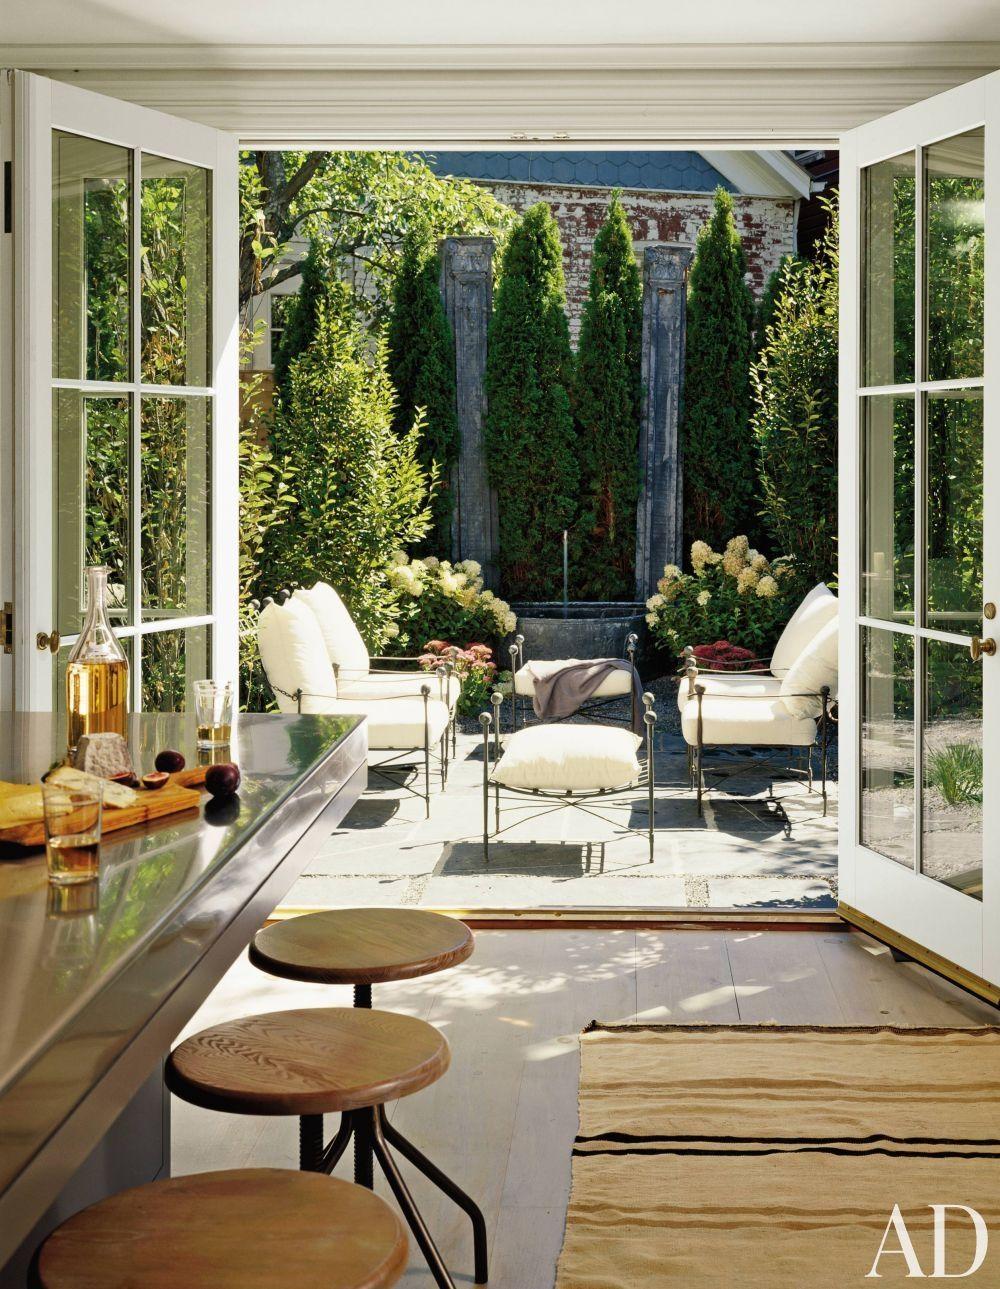 Haus außentor design tür von küche zu patio  home  pinterest  hogar casas and terrazas